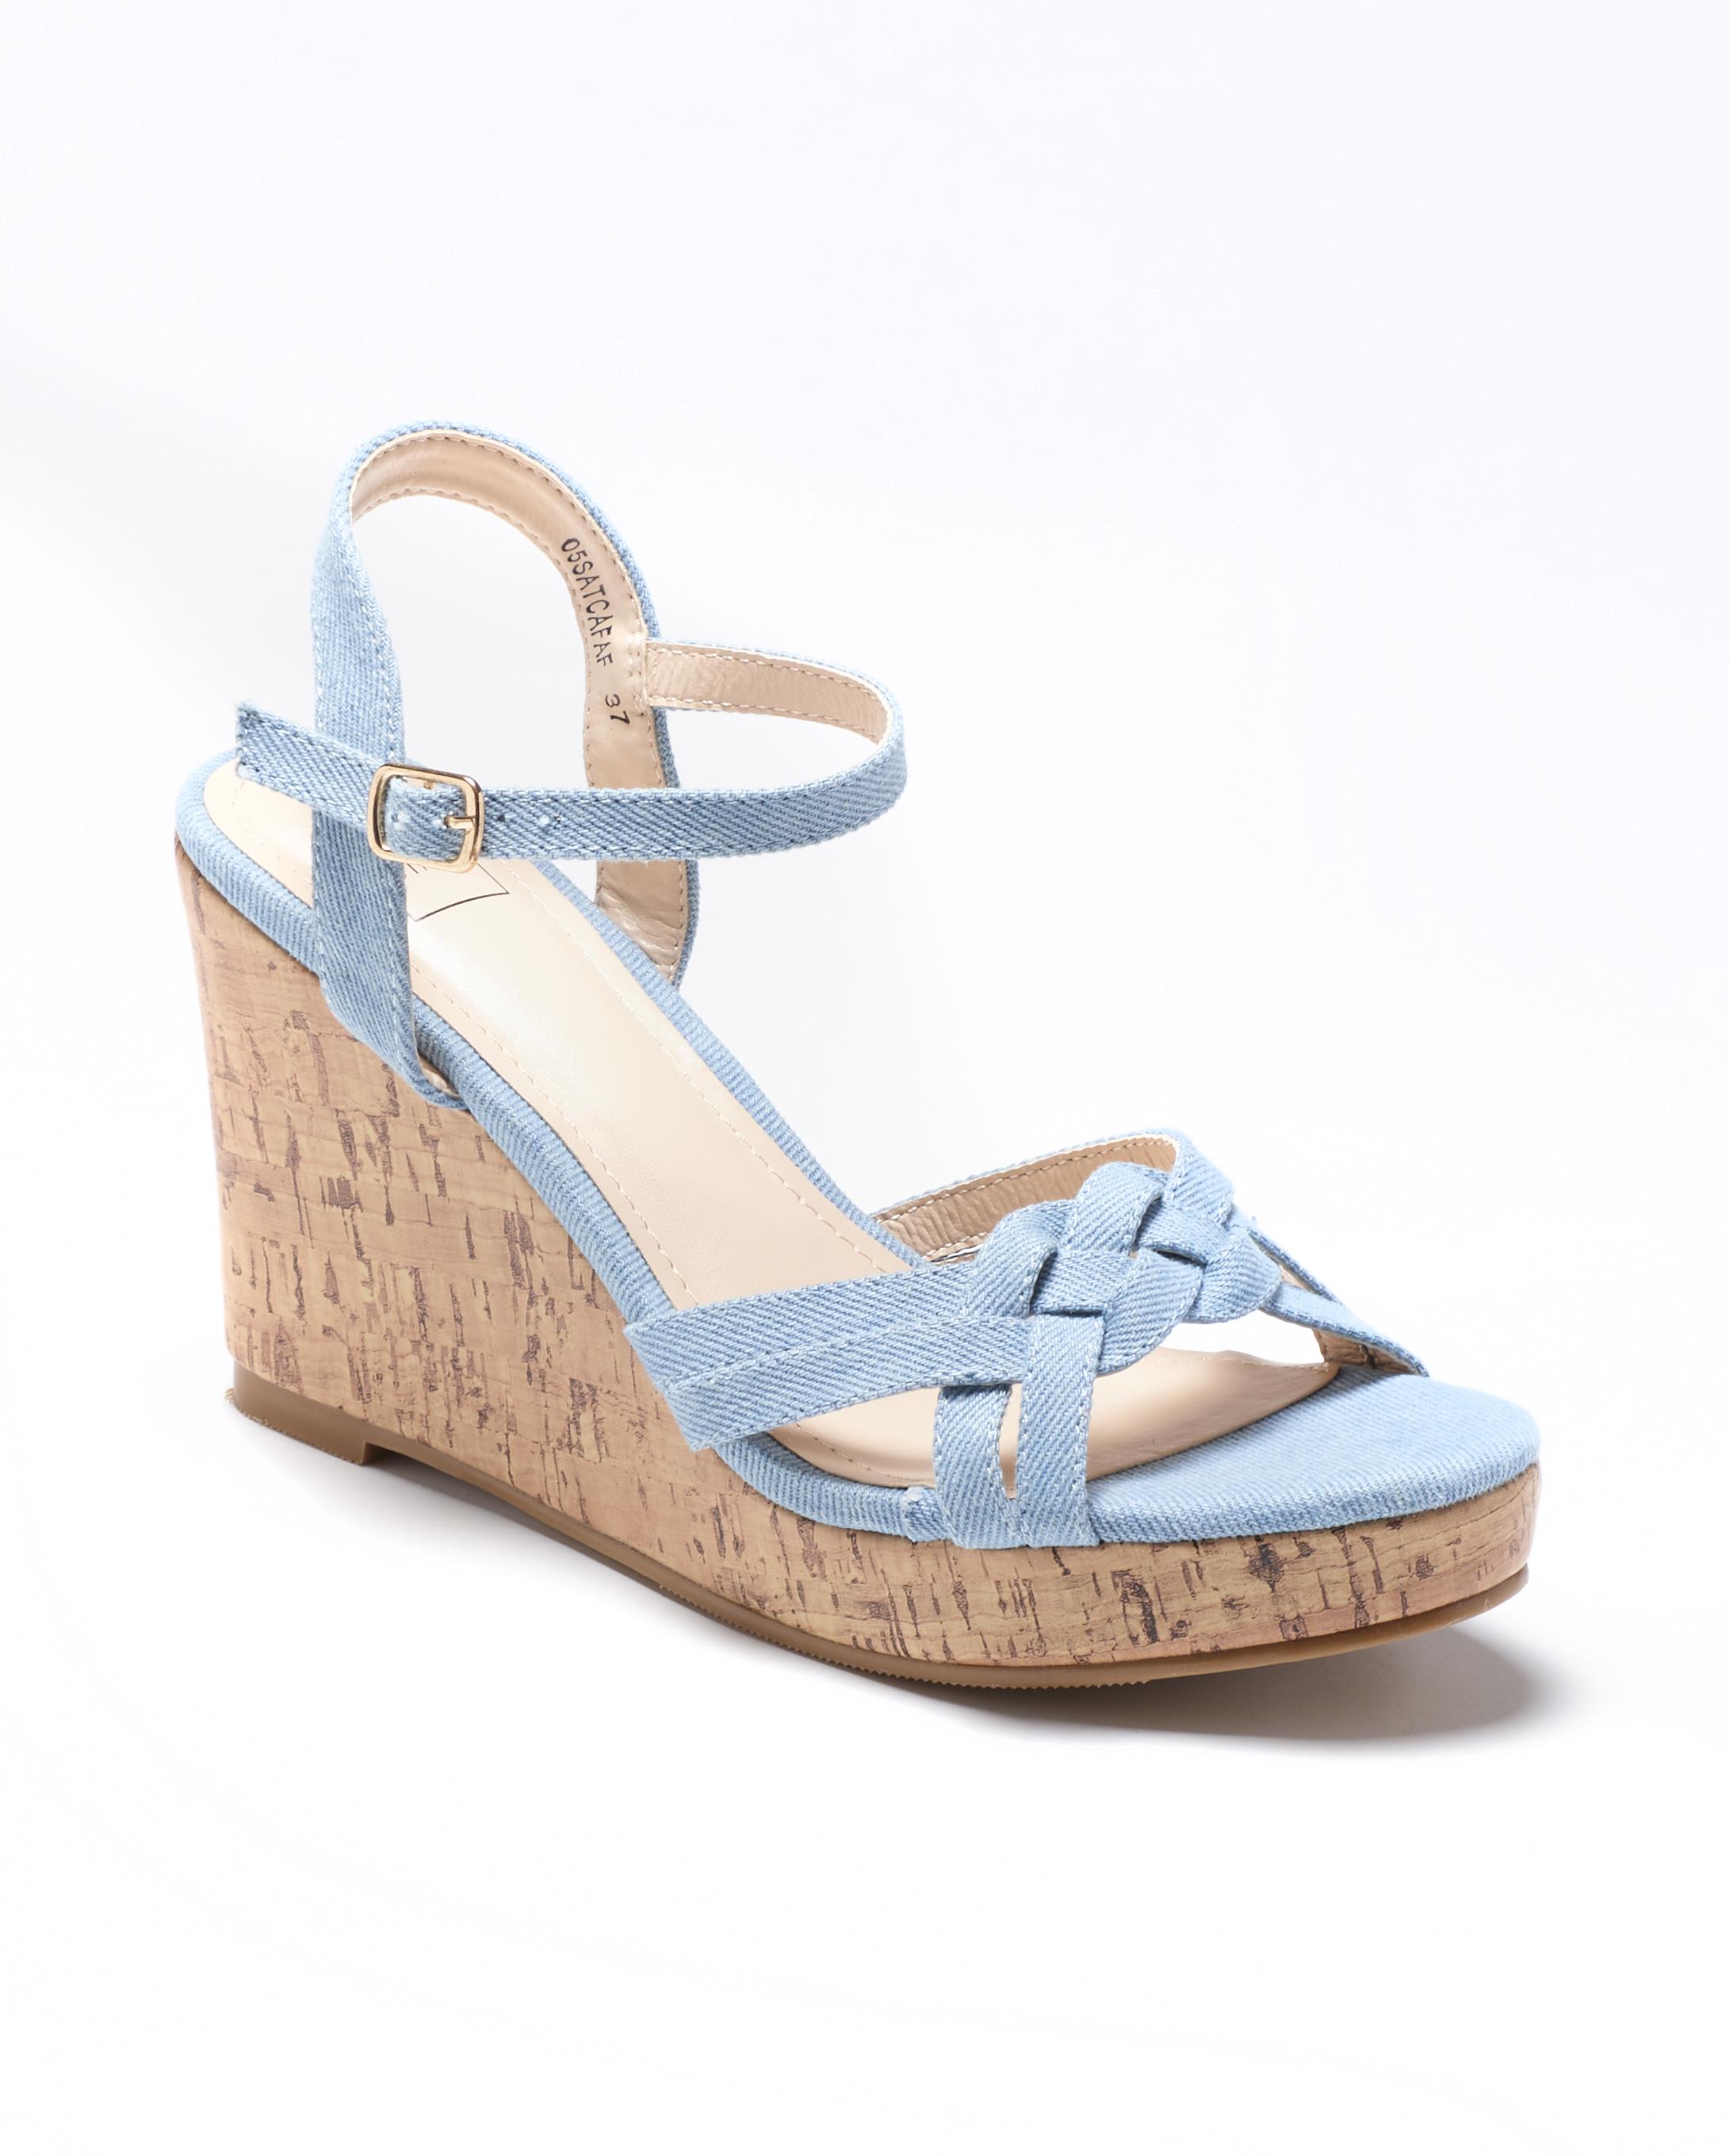 Sandales Compensées Femme - Sandale Talon Compensee Denim Clair Jina - Westley Satc 1